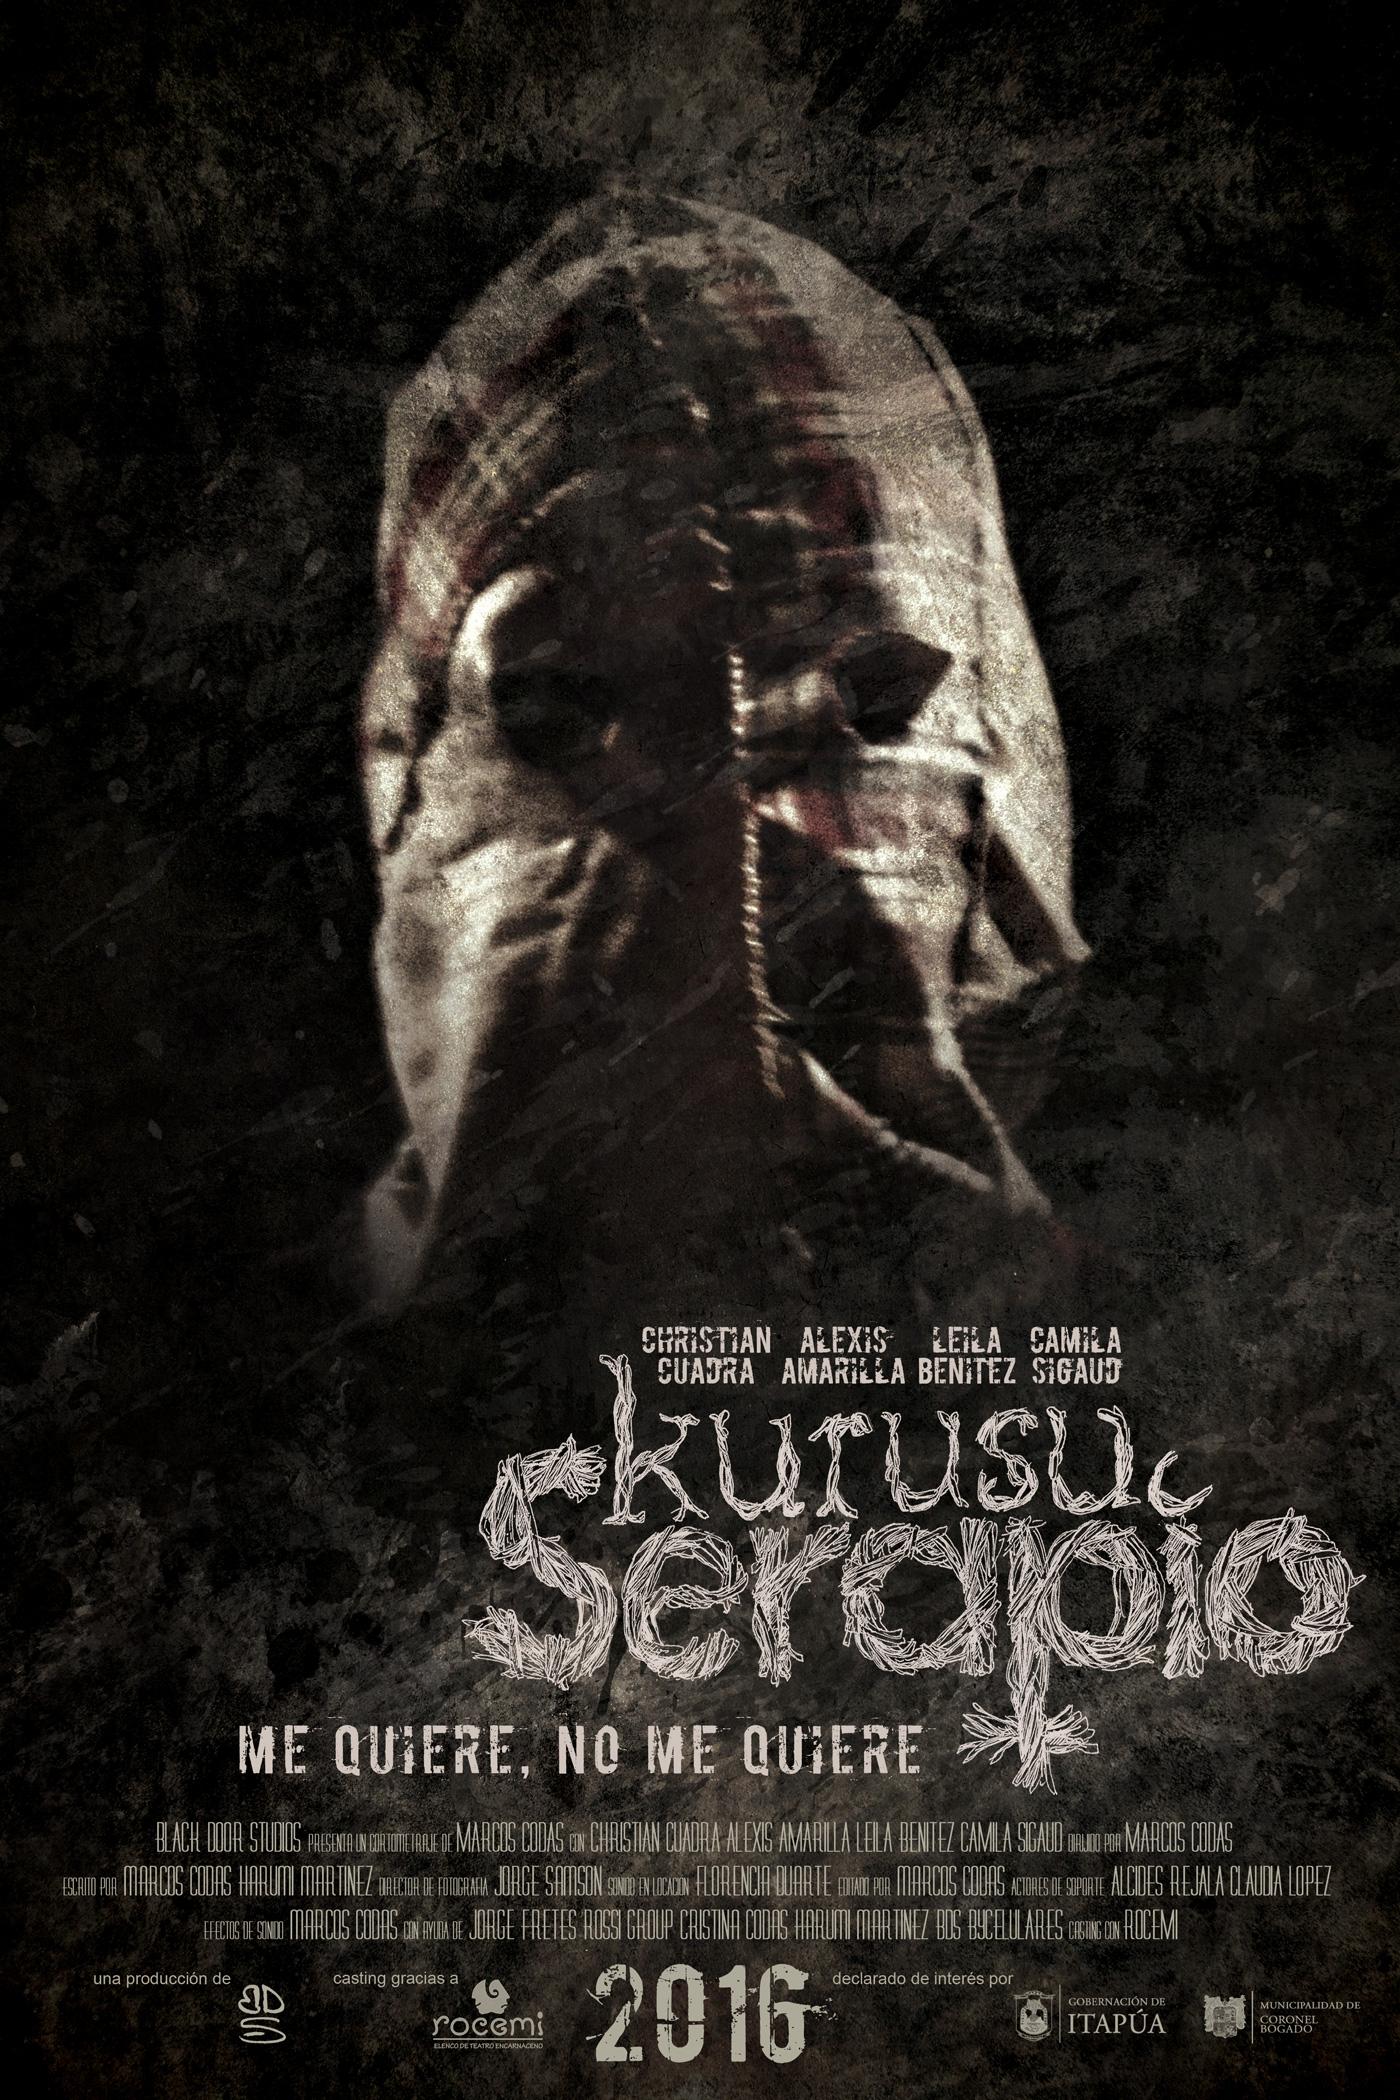 Kurusu23 - Kurusu Serapio